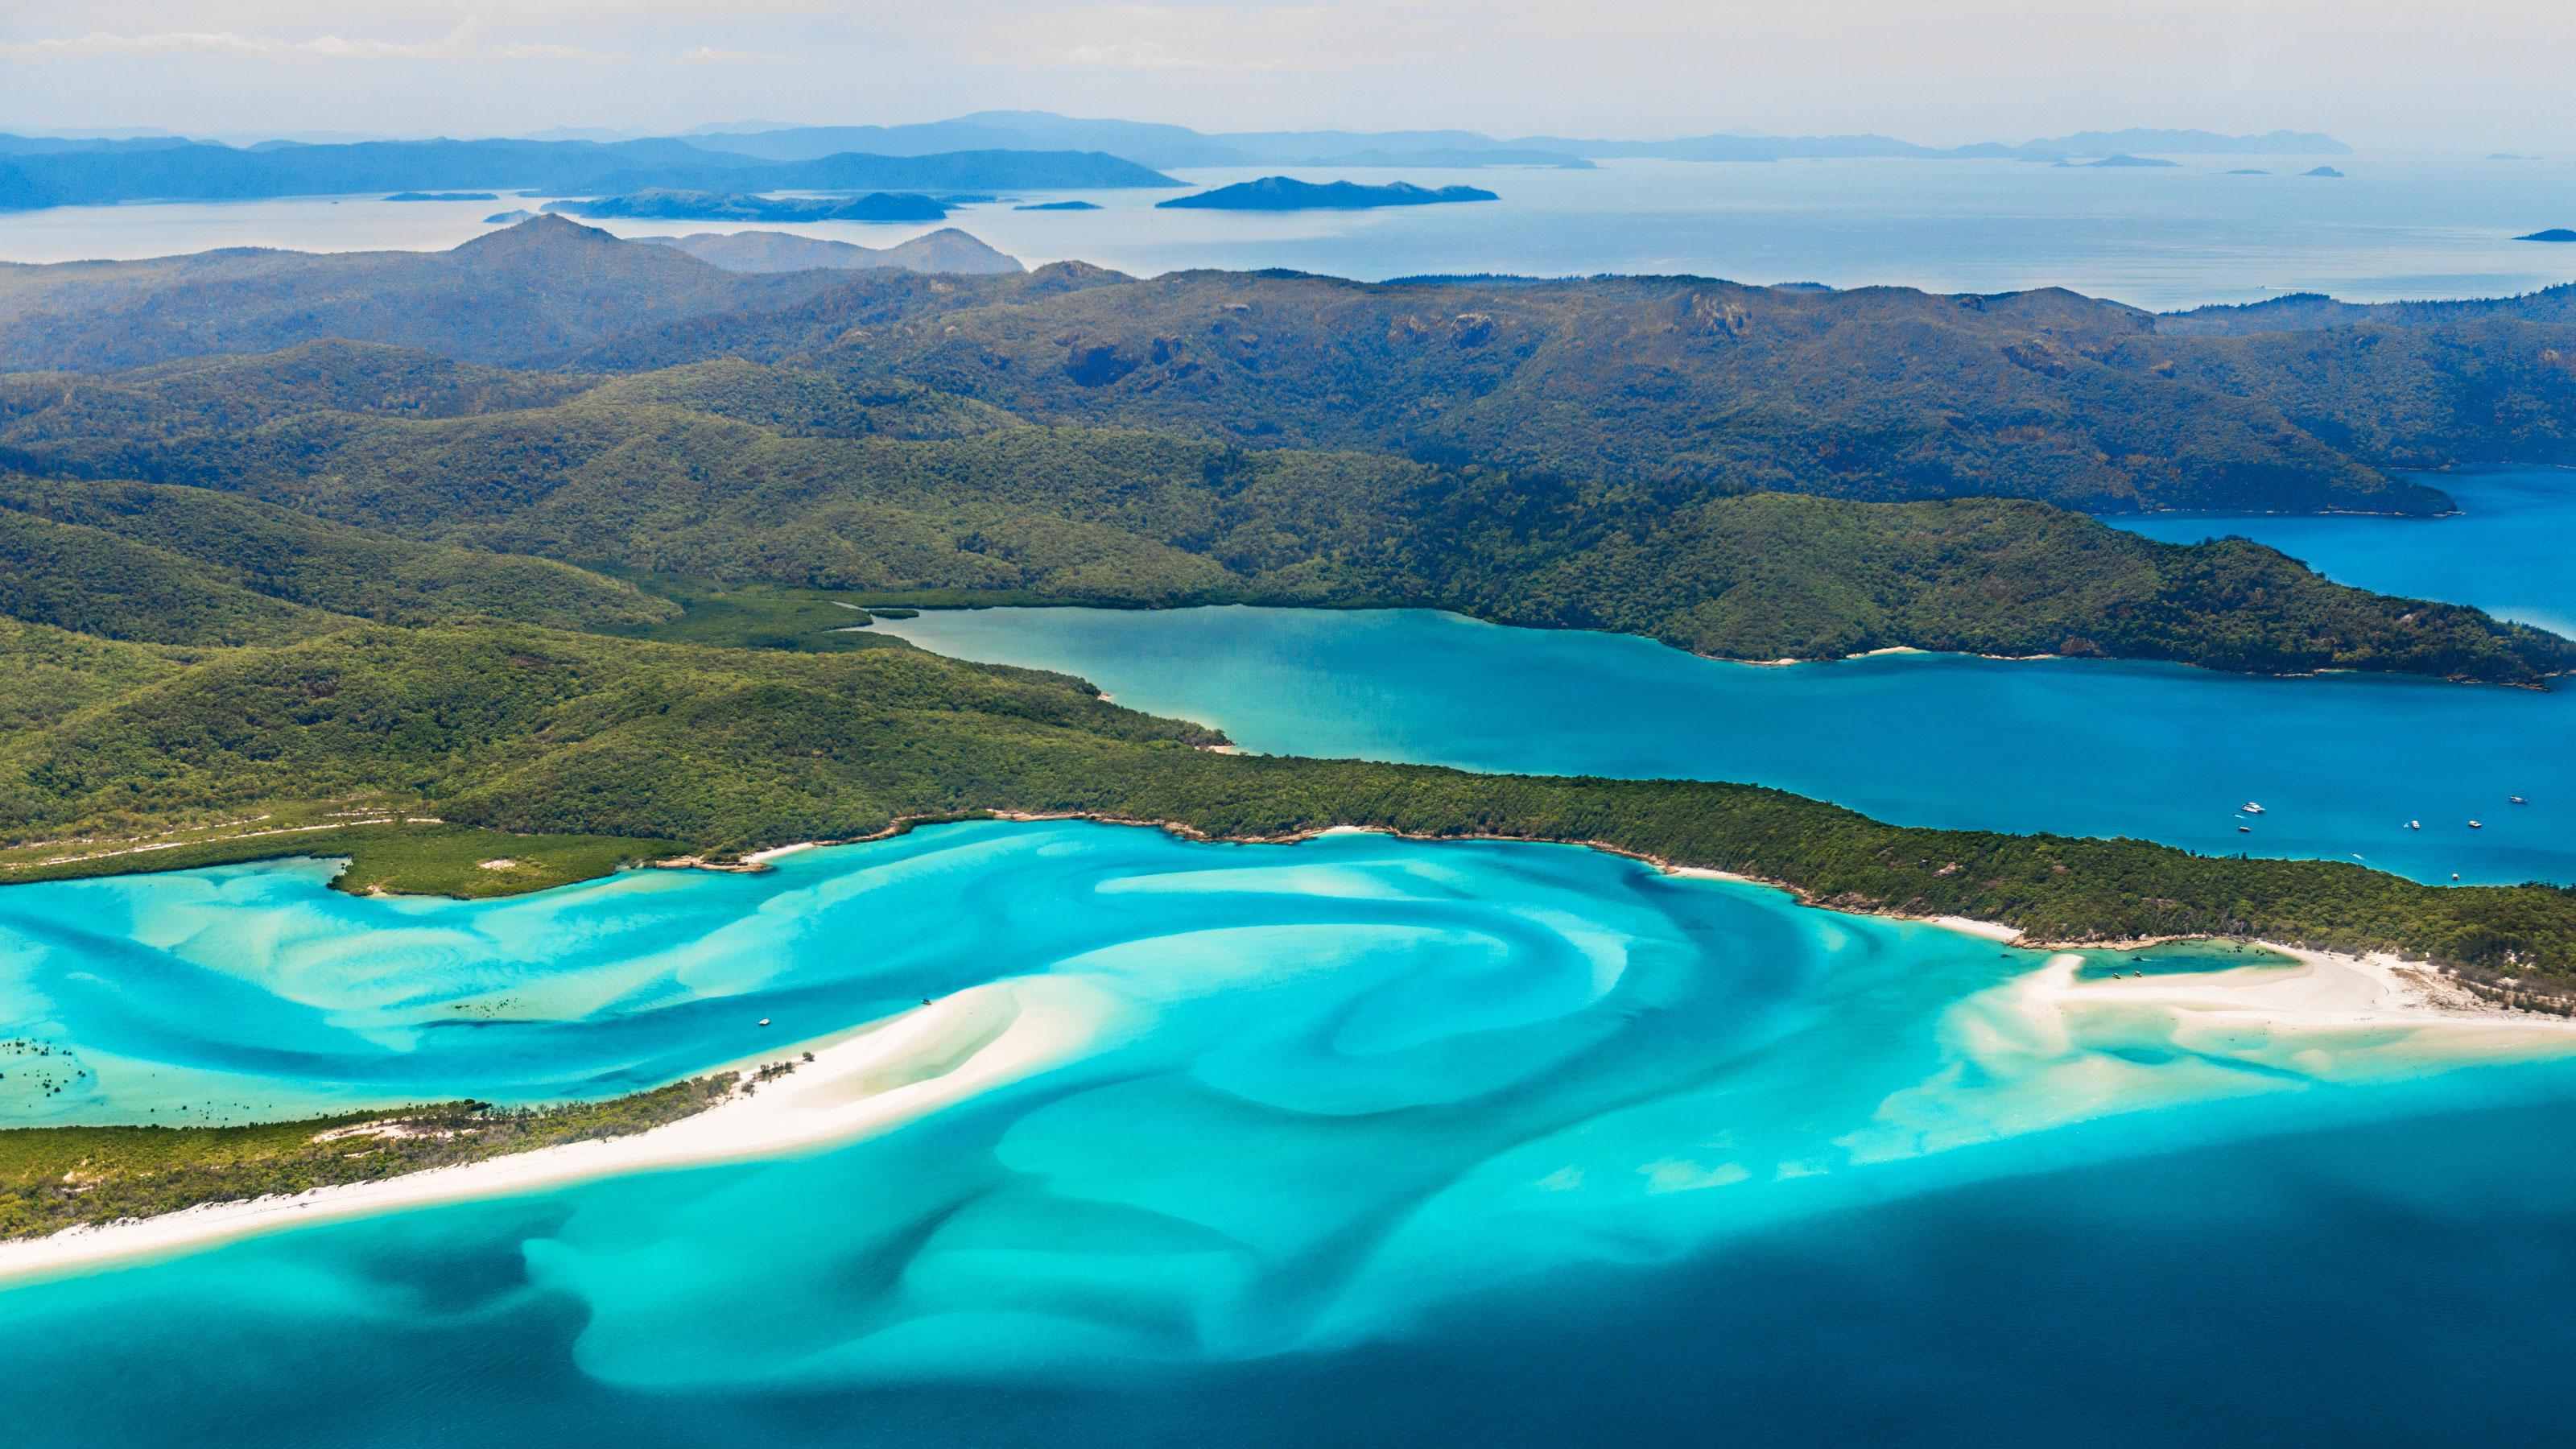 雲講堂-【跟著顧問環遊世界趣】澳洲、斐濟、紐西蘭景點懶人包